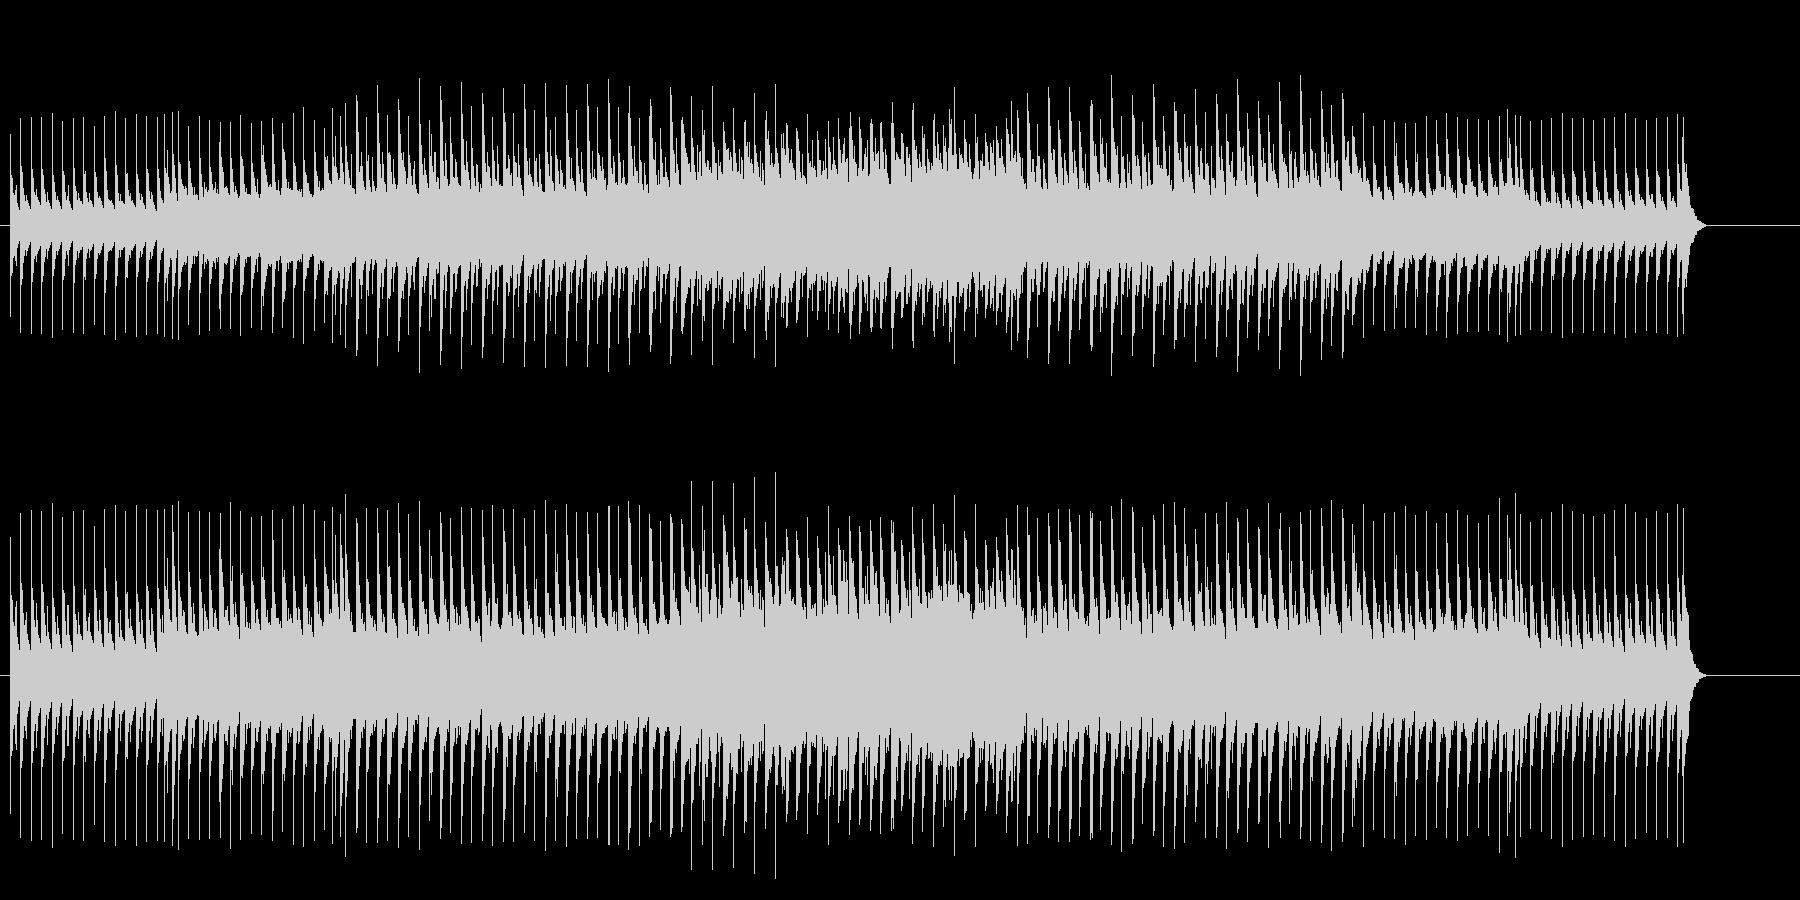 不安な雰囲気のマイナー・テクノ・ポップスの未再生の波形